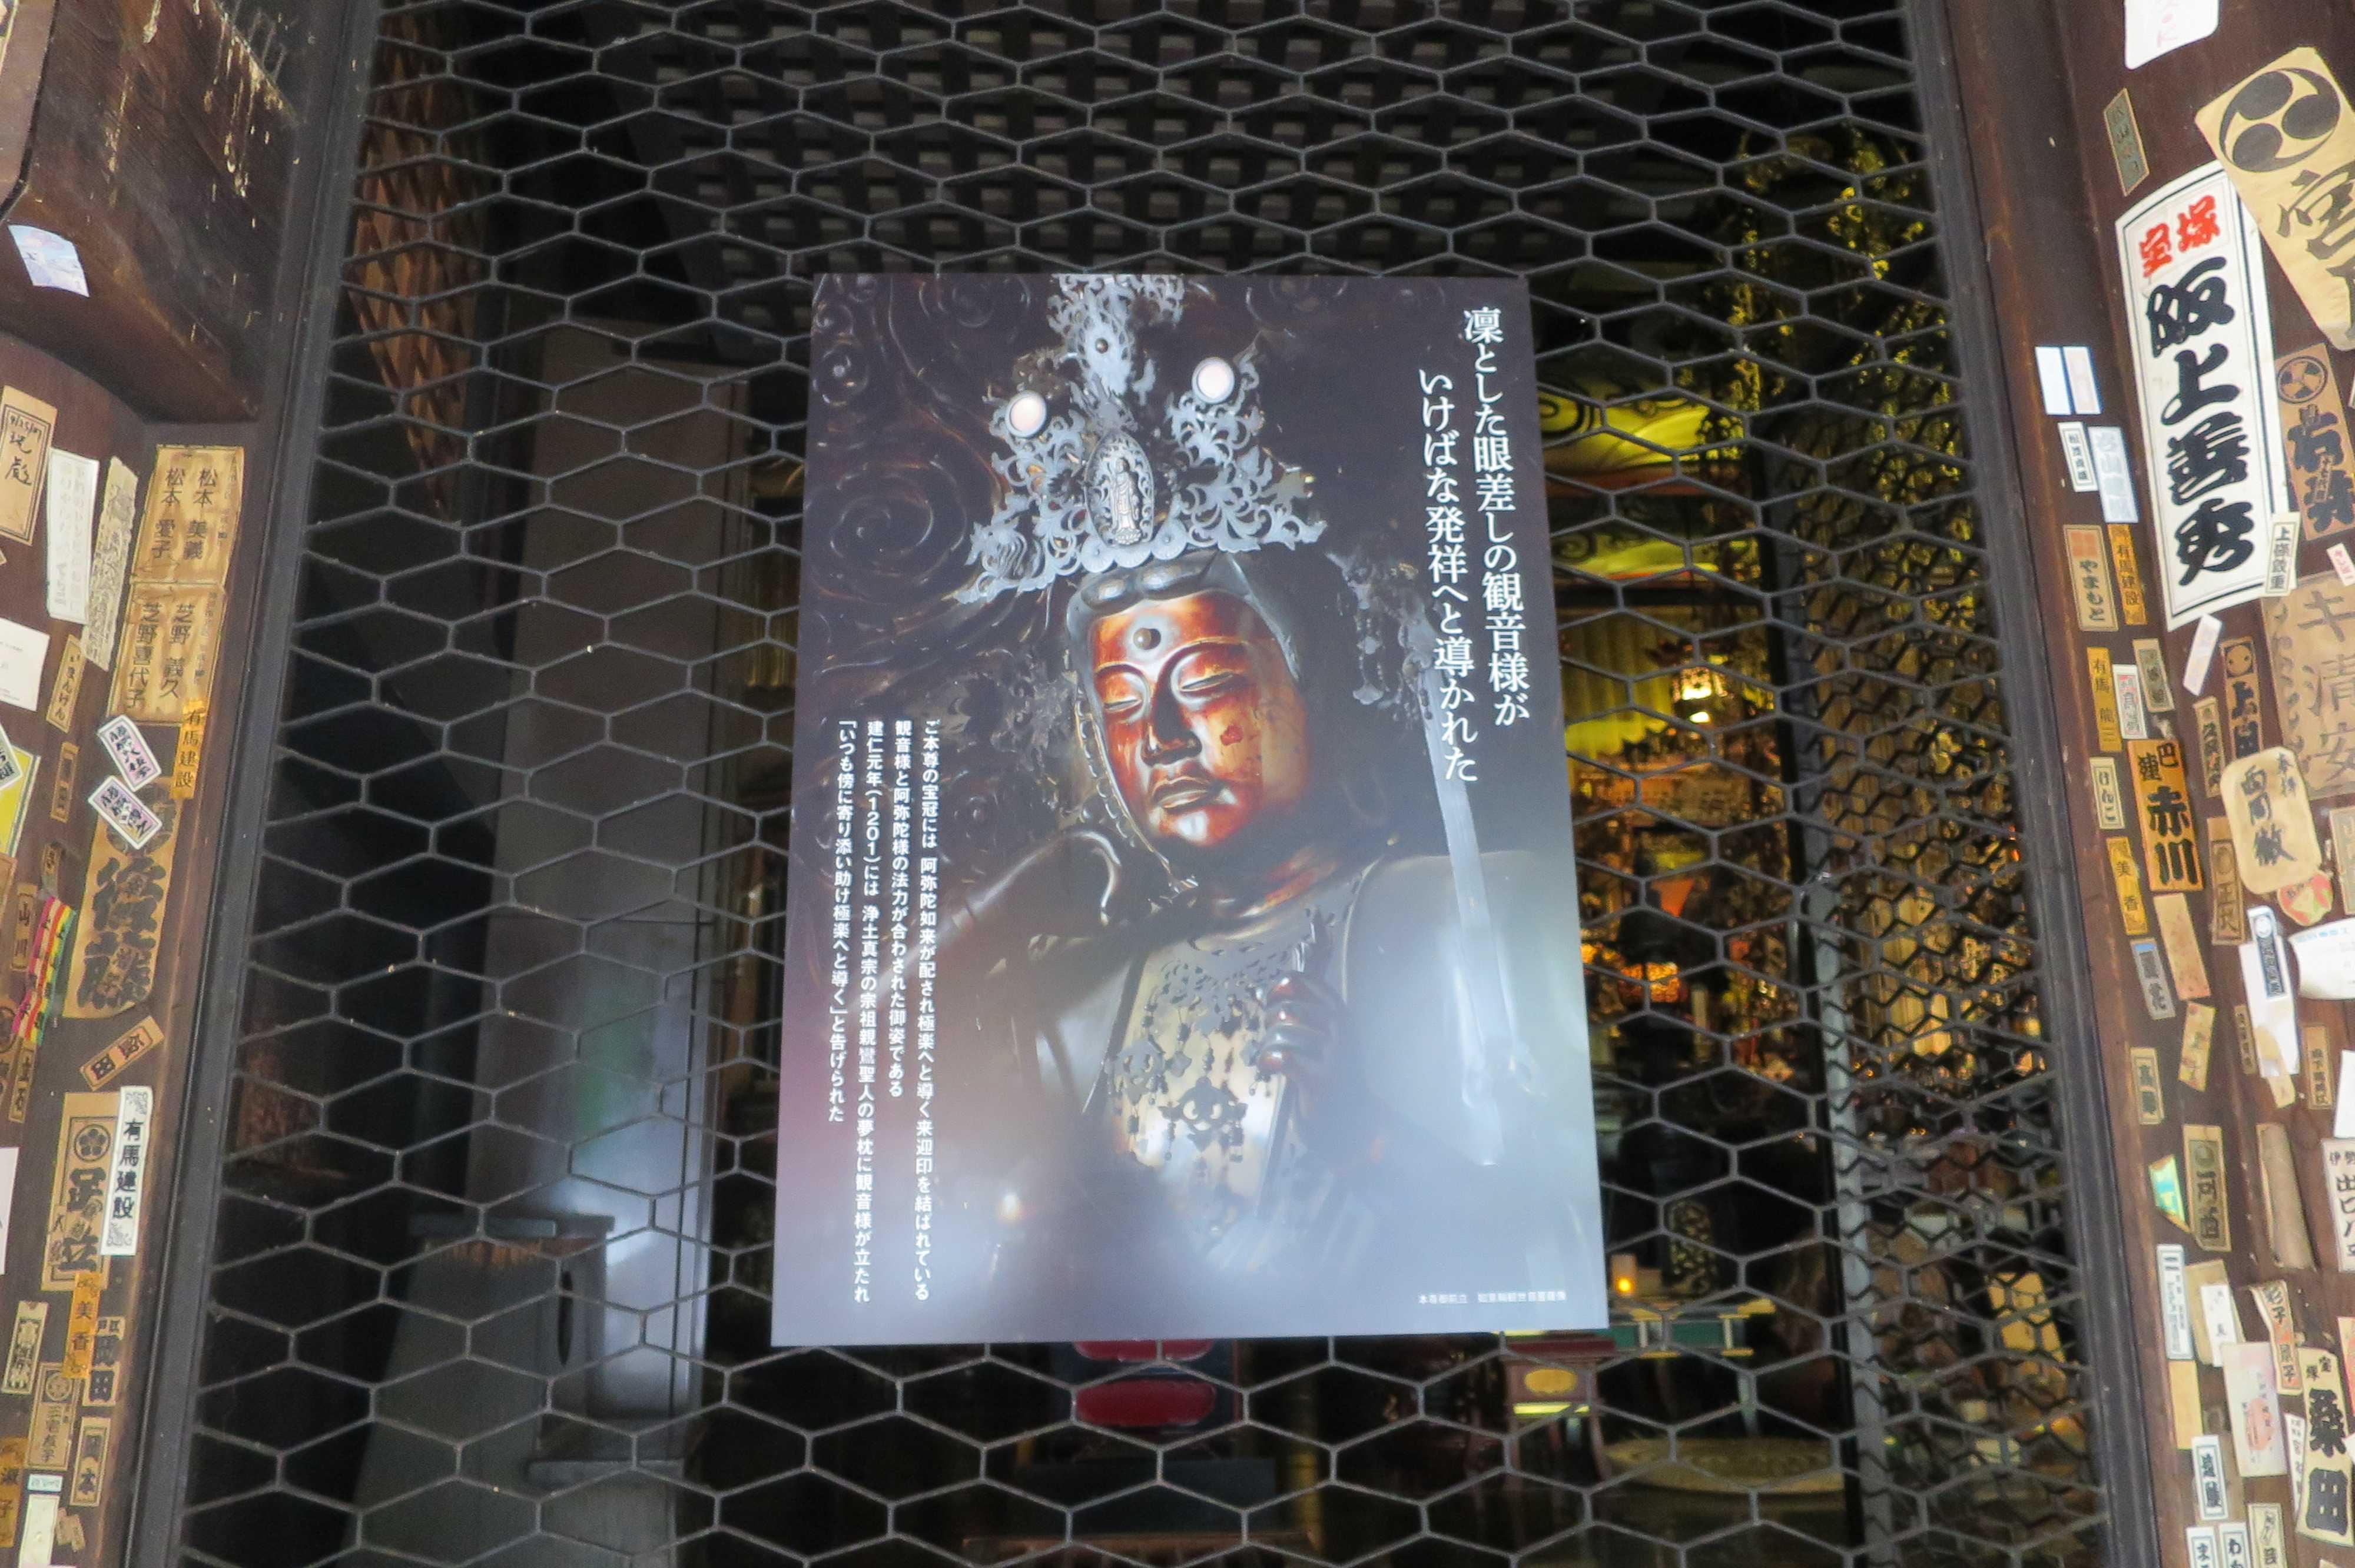 京都・六角堂のポスター - 凜とした眼差しの観音様が いけばな発祥へと導かれた